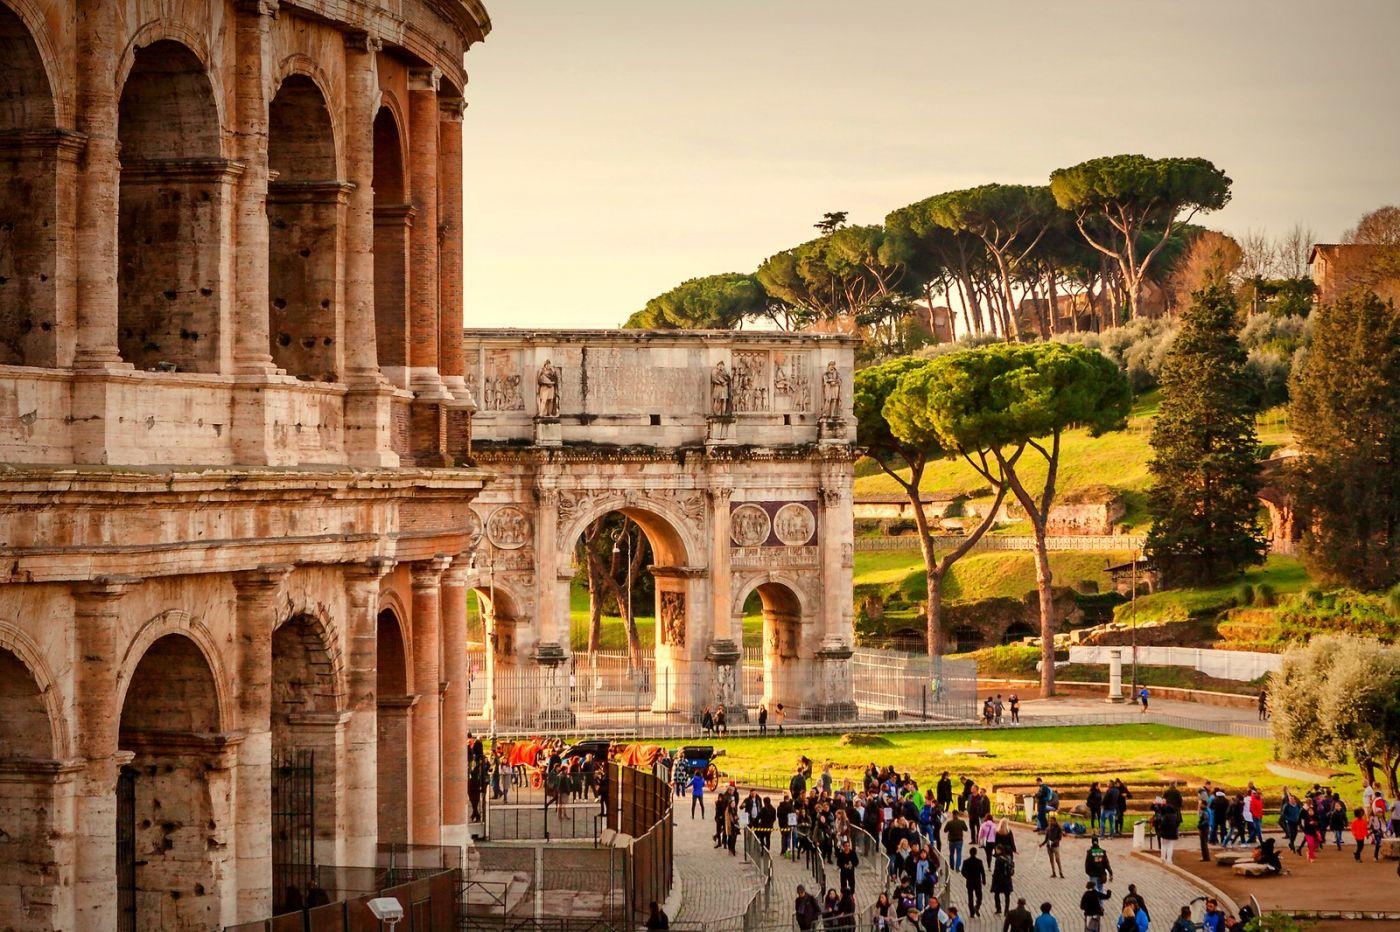 罗马斗兽场(Colosseum), 两千年的宏大建筑古迹_图1-9